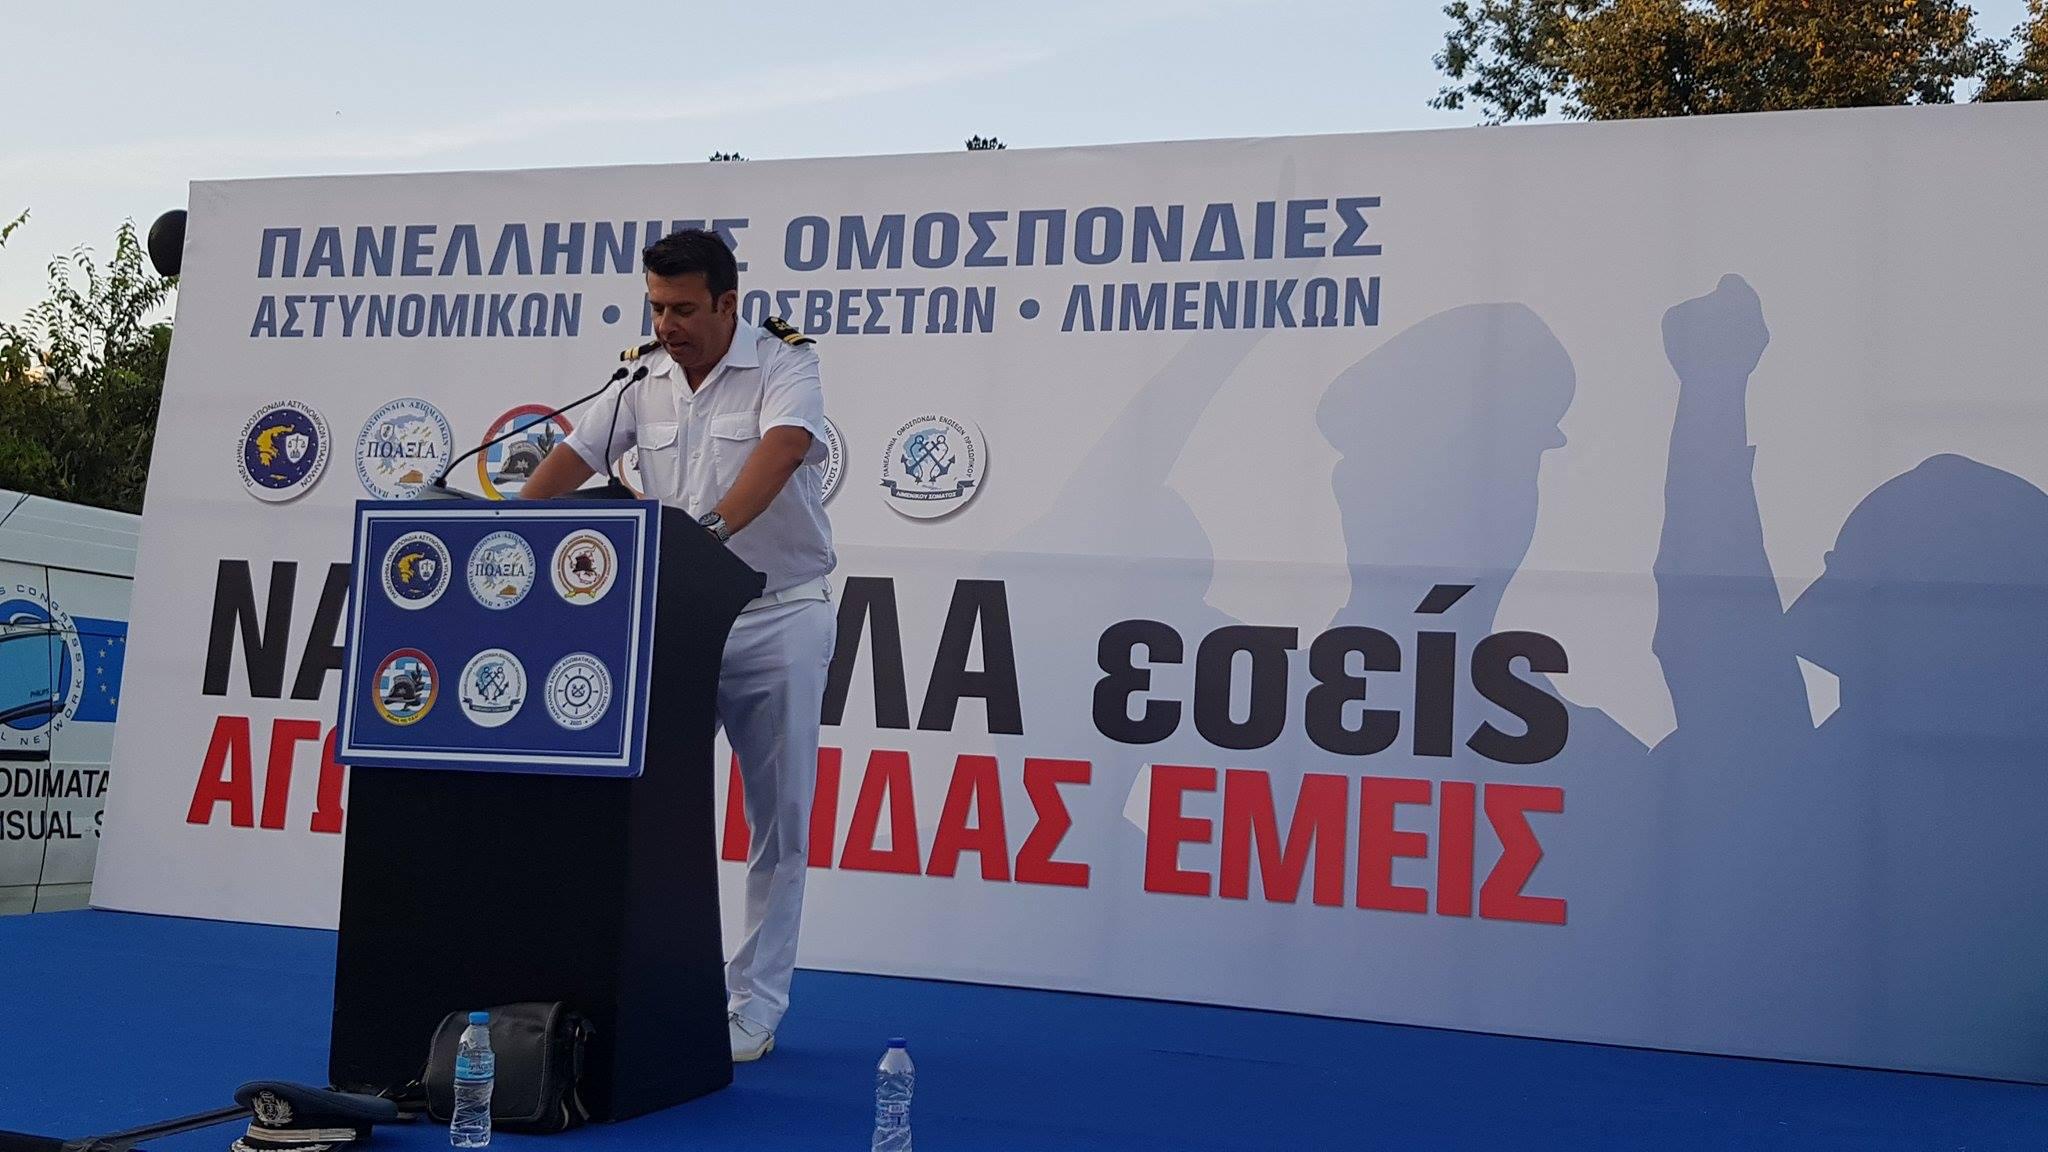 Ομιλία προέδρου Π.Ο.Ε.Π.Λ.Σ. στην ένστολη διαμαρτυρία στη Θεσσαλονίκη